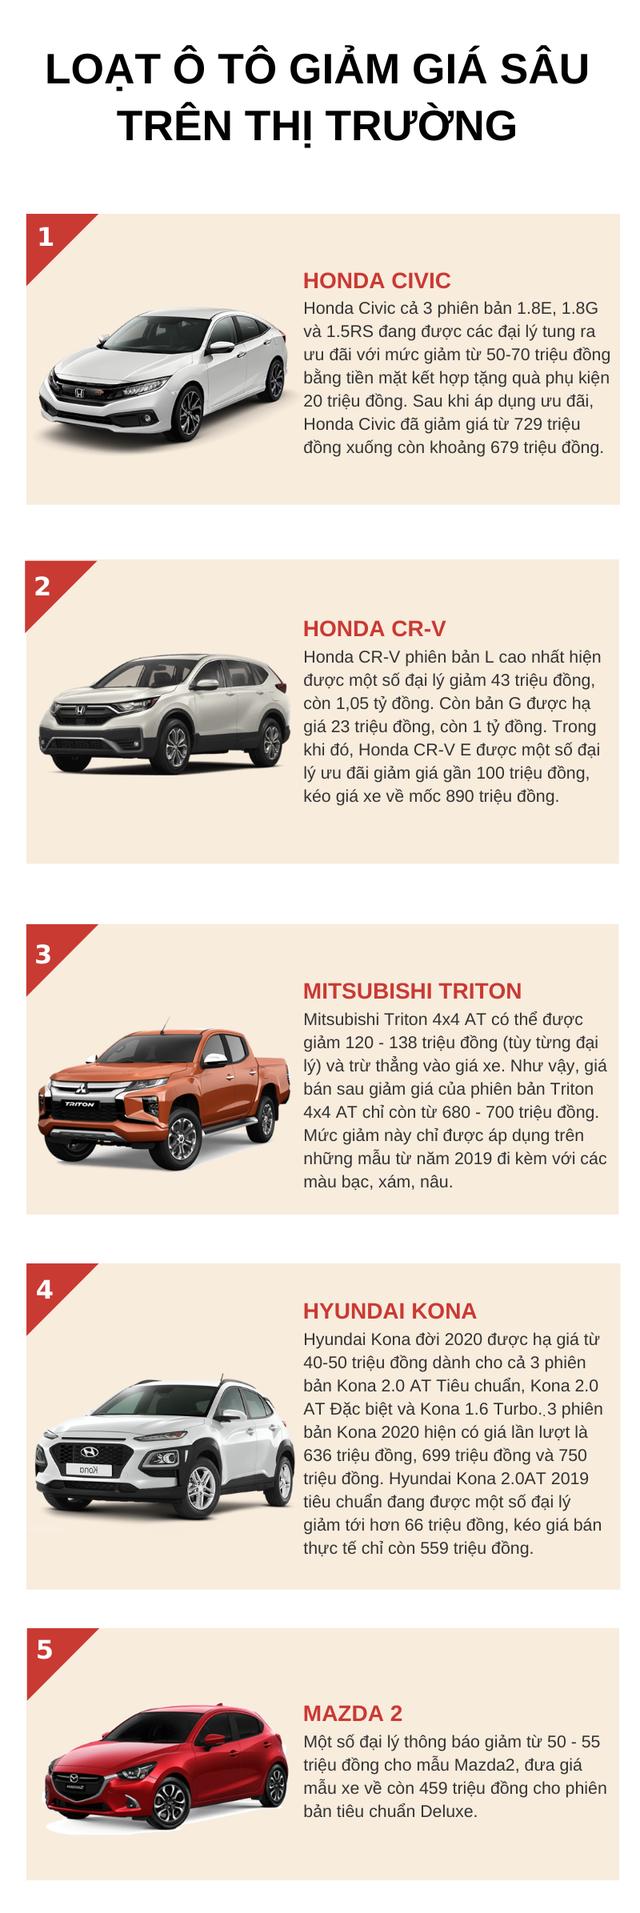 Đại lý xả hàng, nhiều mẫu ô tô tiếp tục giảm giá mạnh  - Ảnh 1.